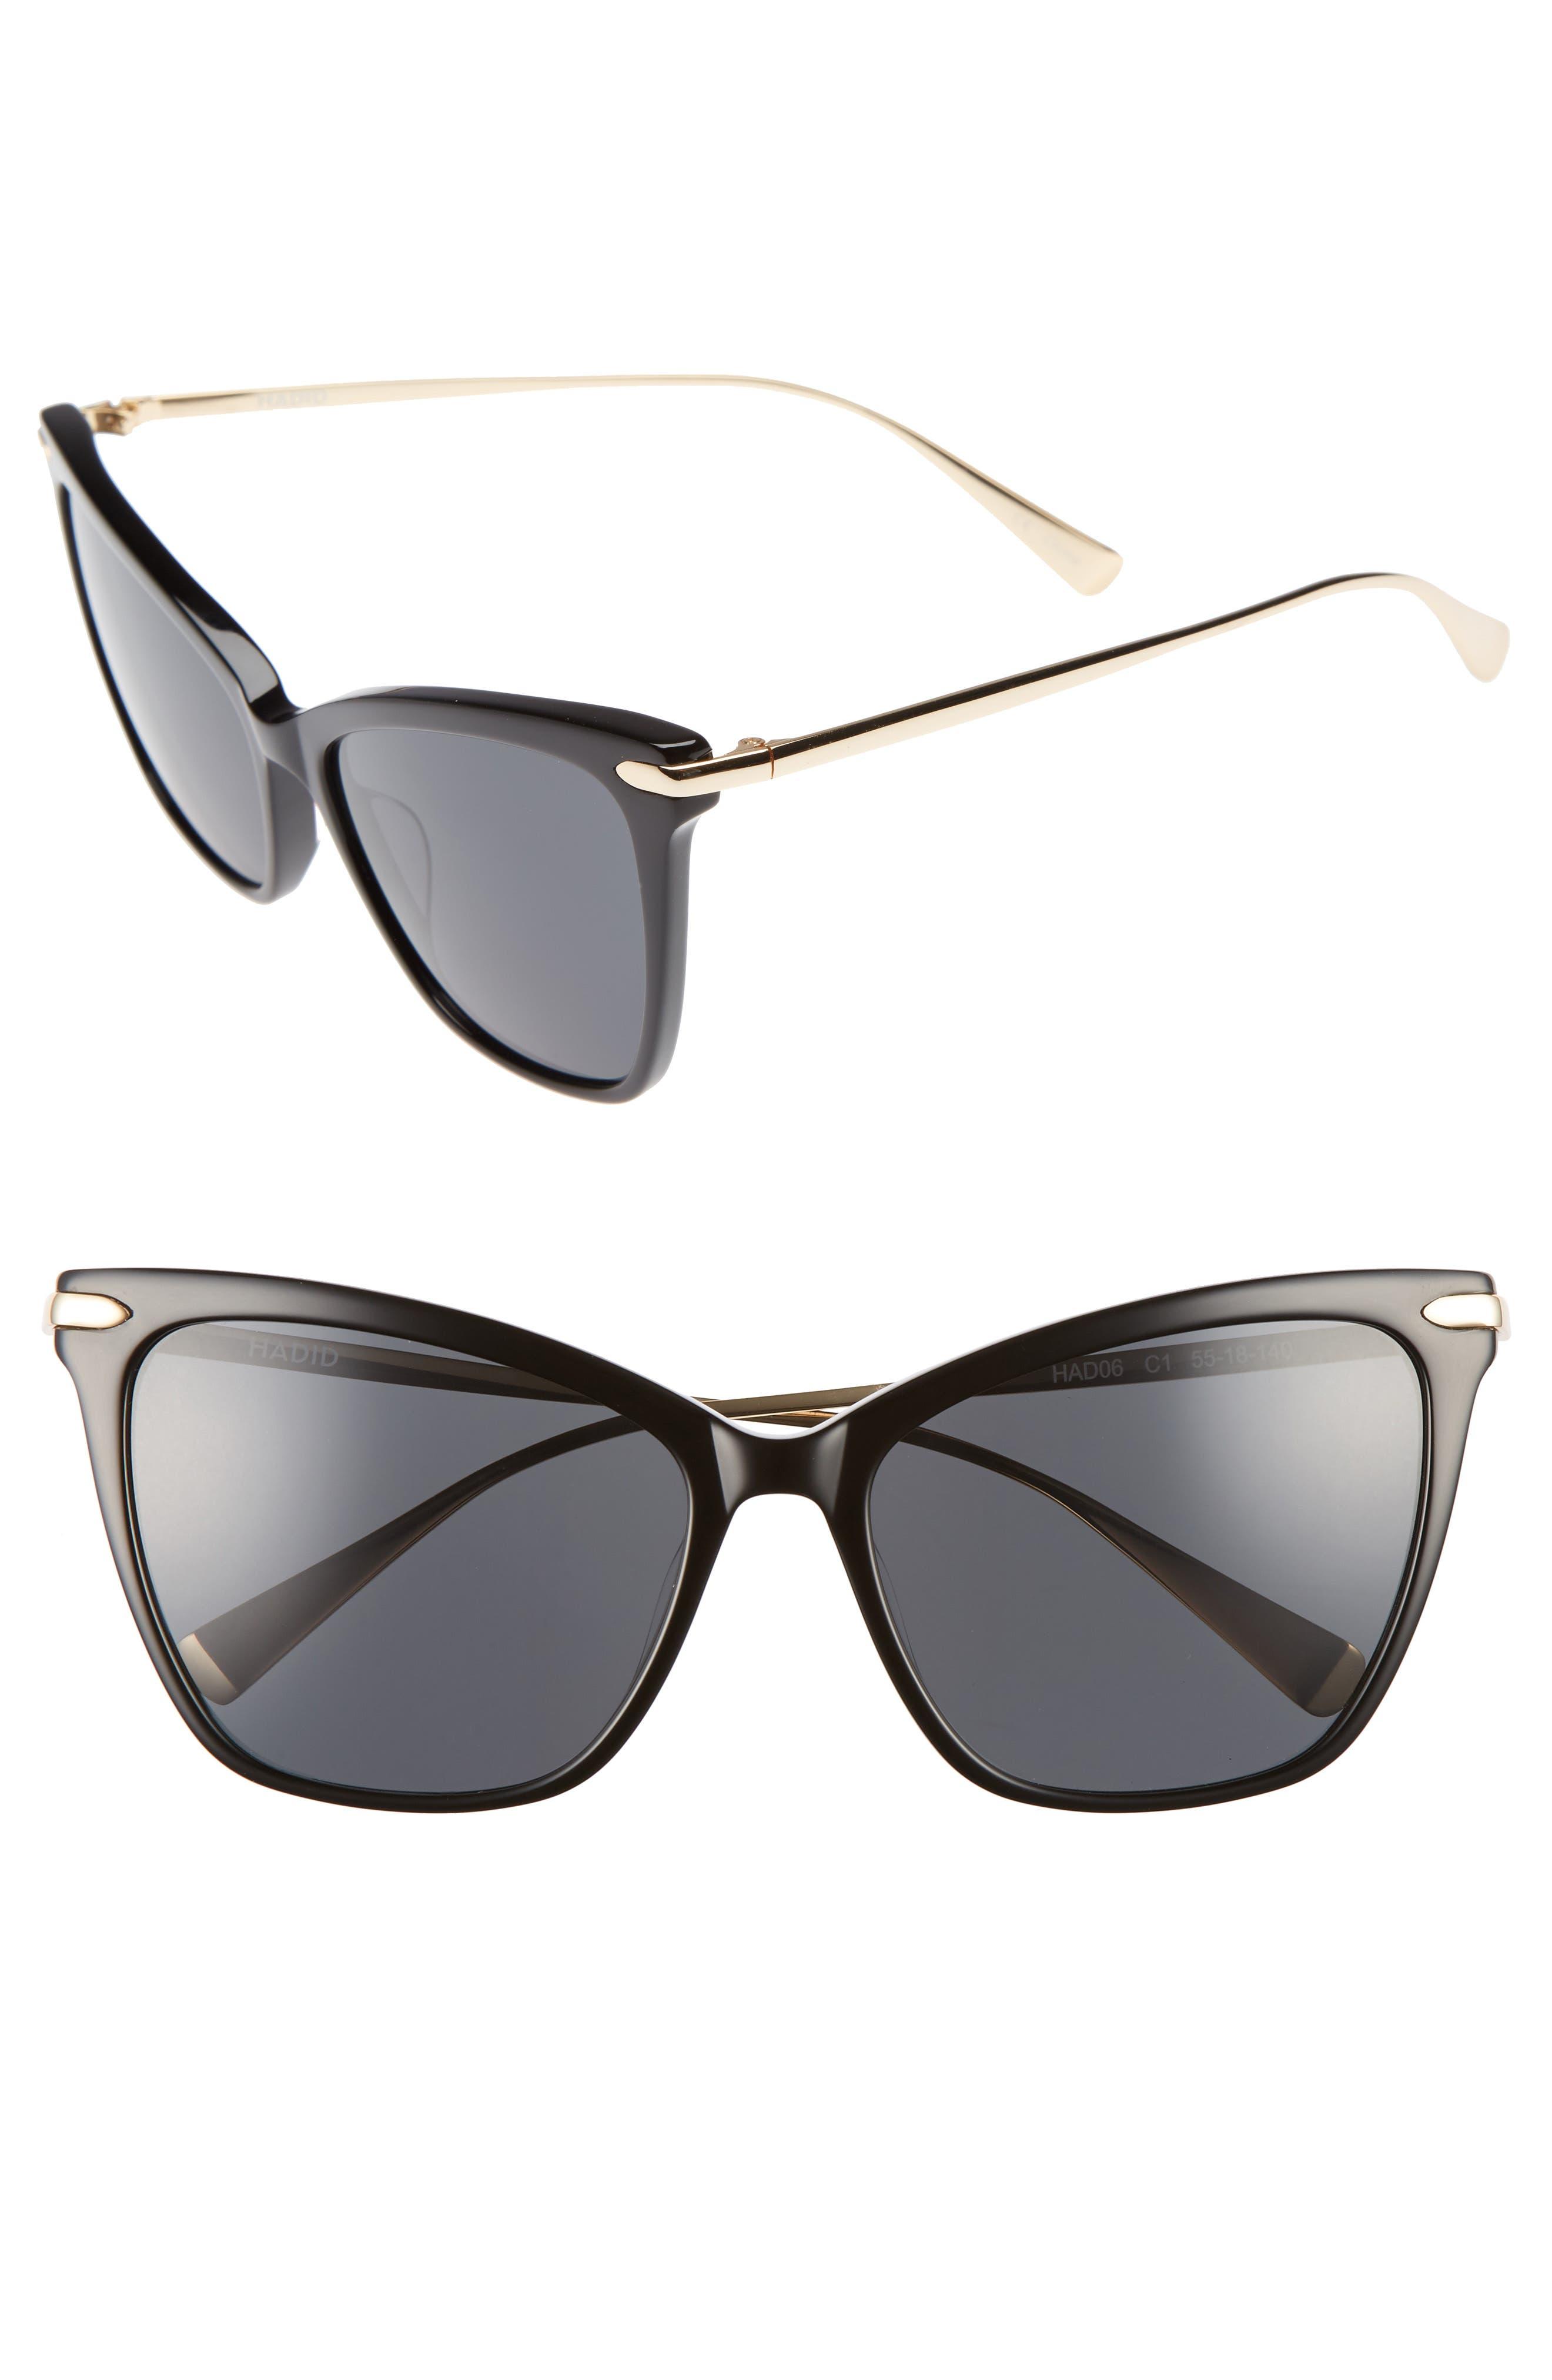 Jetsetter 55mm Cat Eye Sunglasses,                         Main,                         color, 001